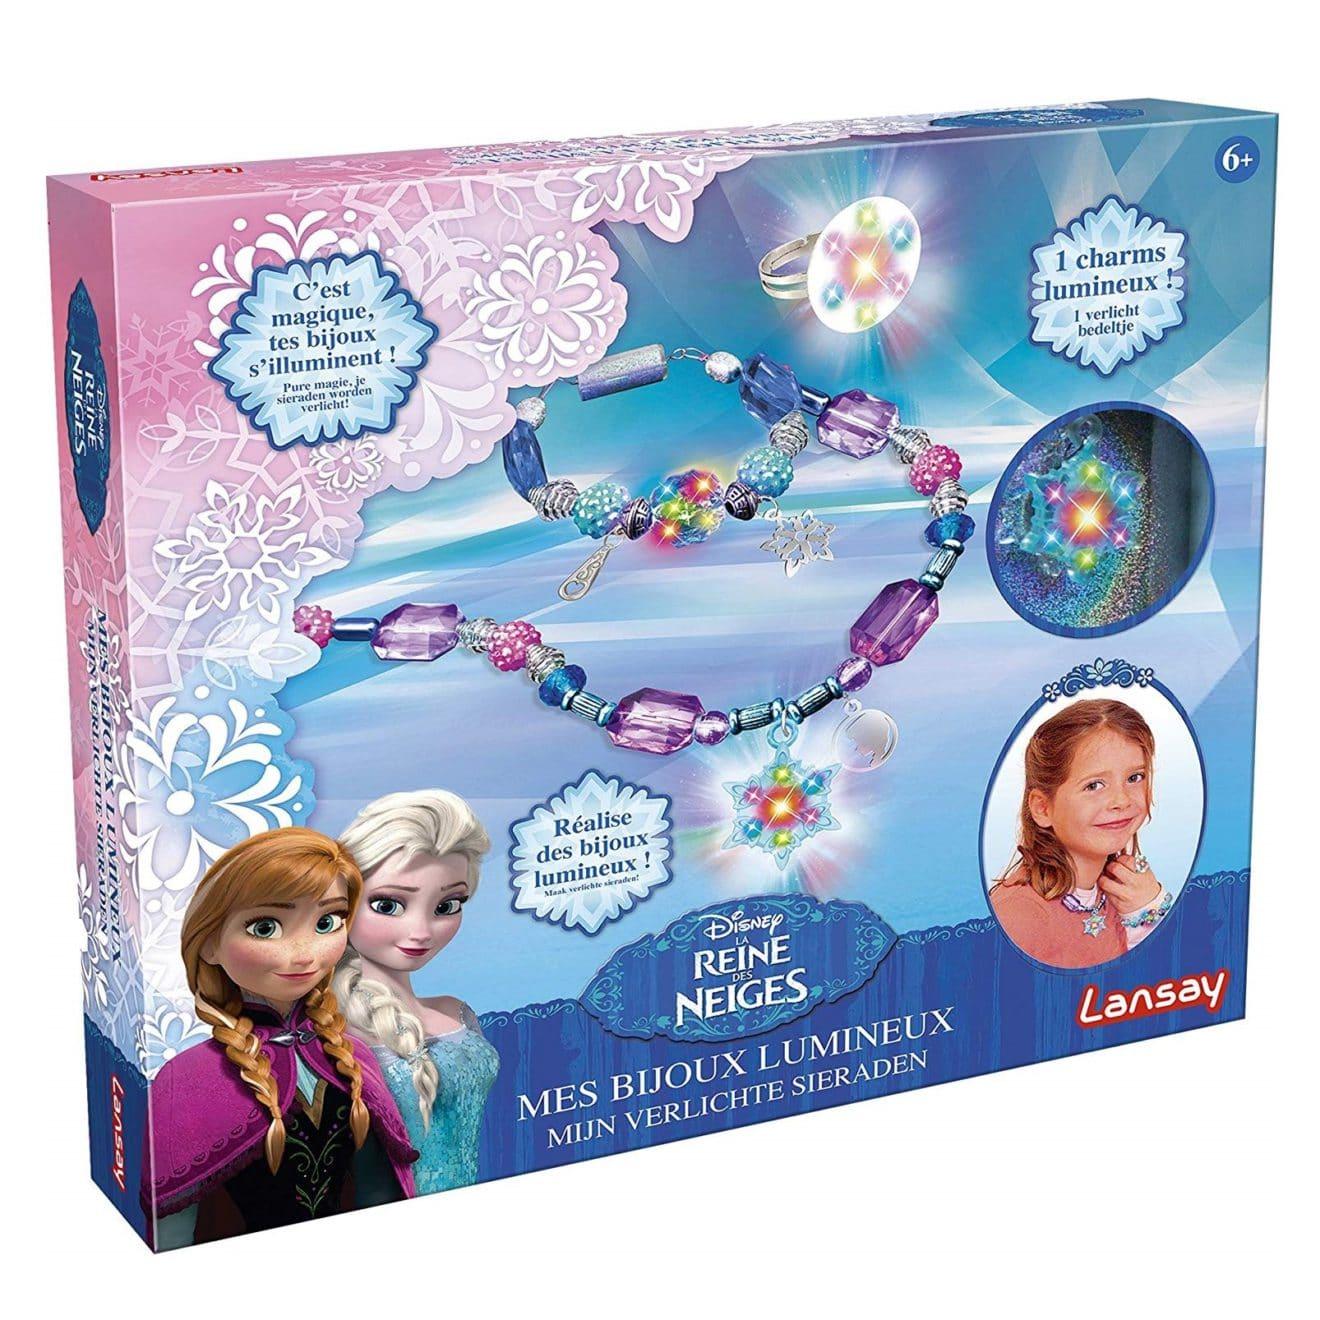 kit de loisirs créatifs pour enfants bijoux lumineux reine des neiges